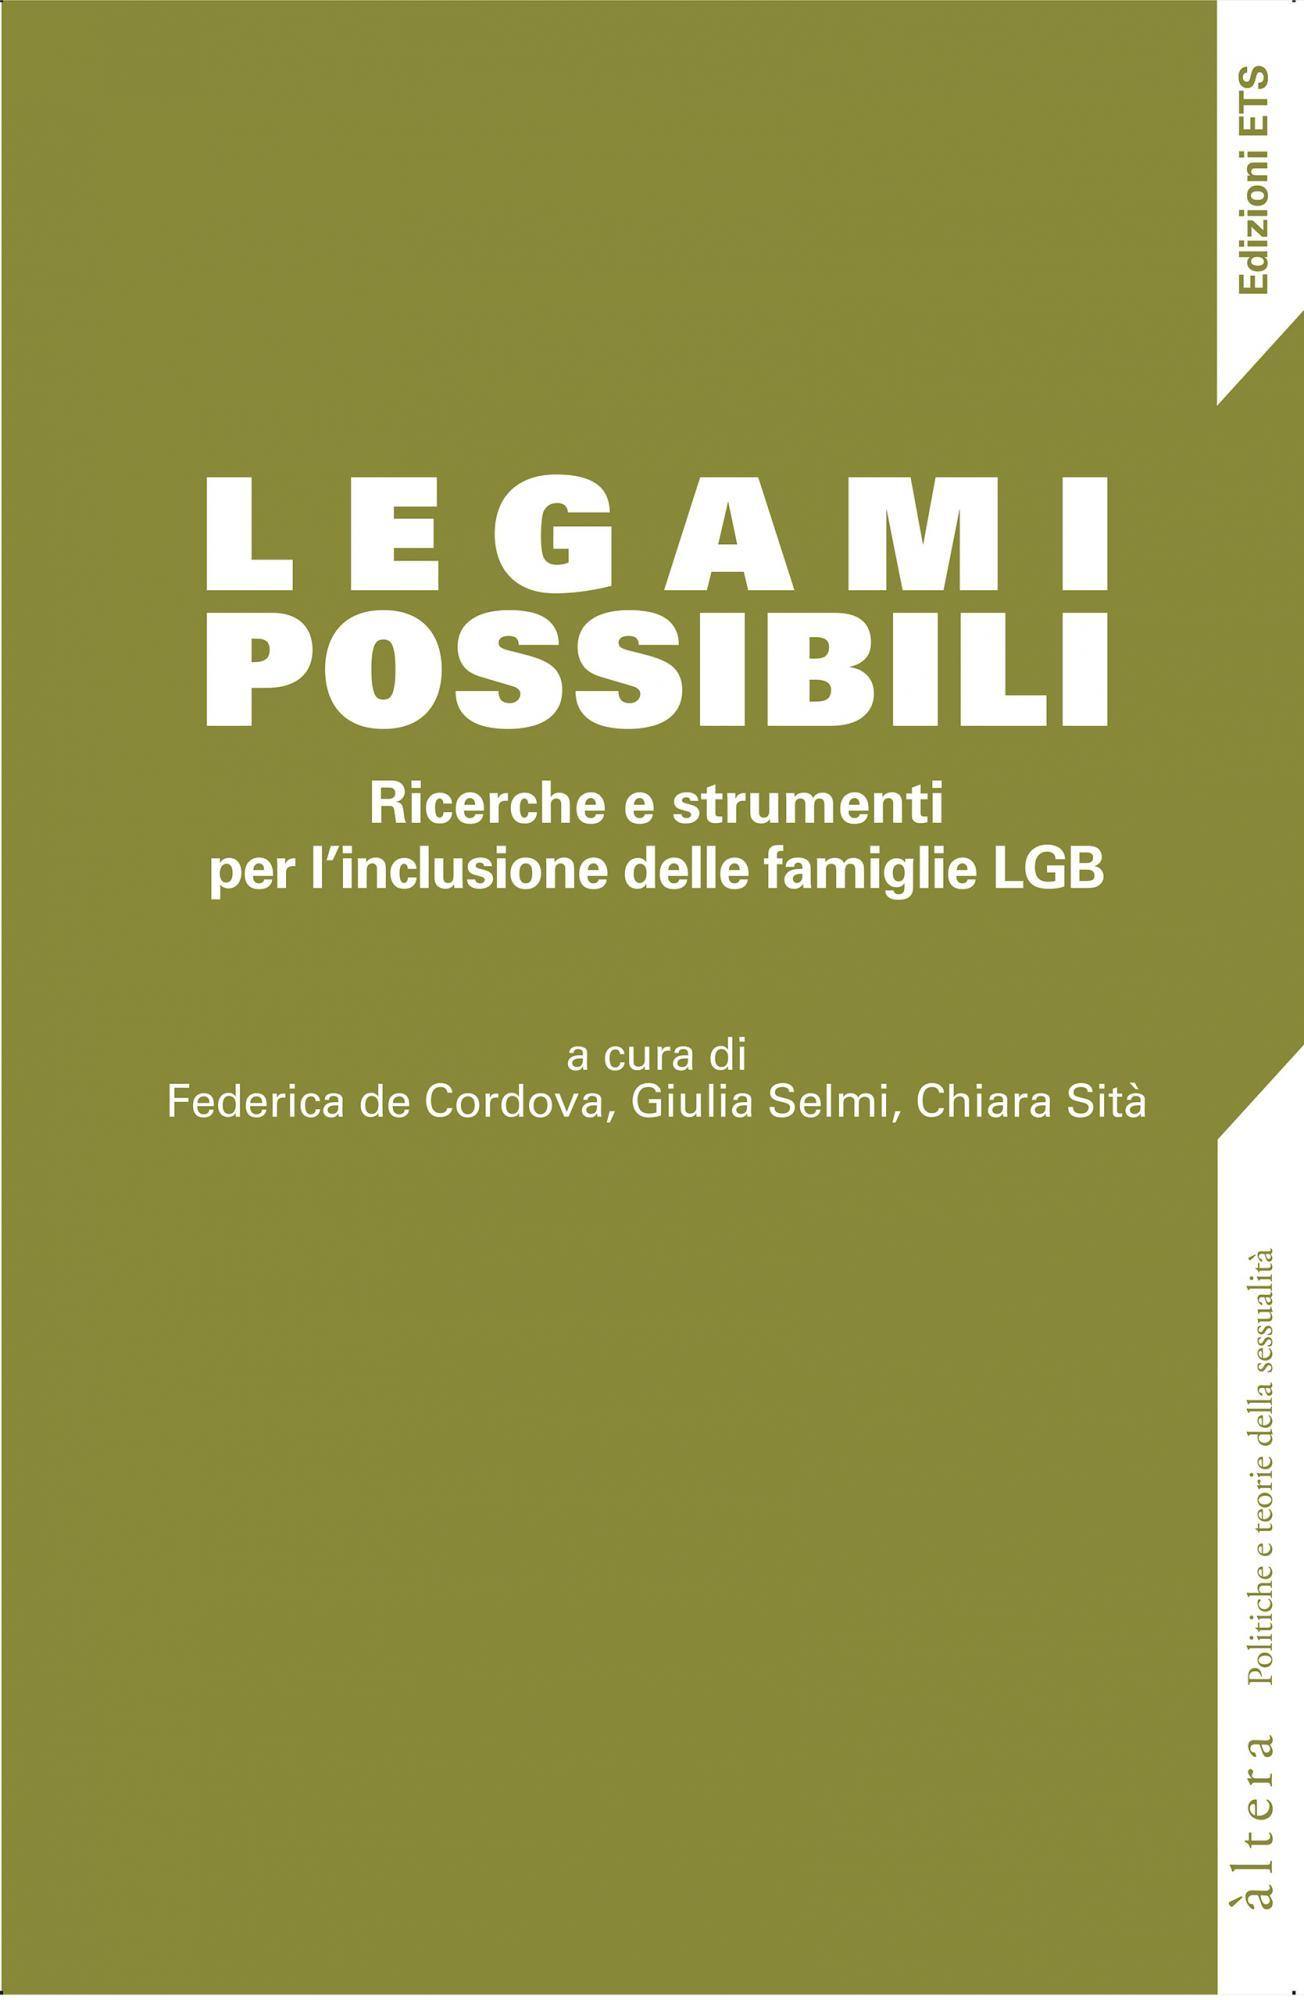 Legami possibili.Ricerche e strumenti per l'inclusione delle famiglie LGB